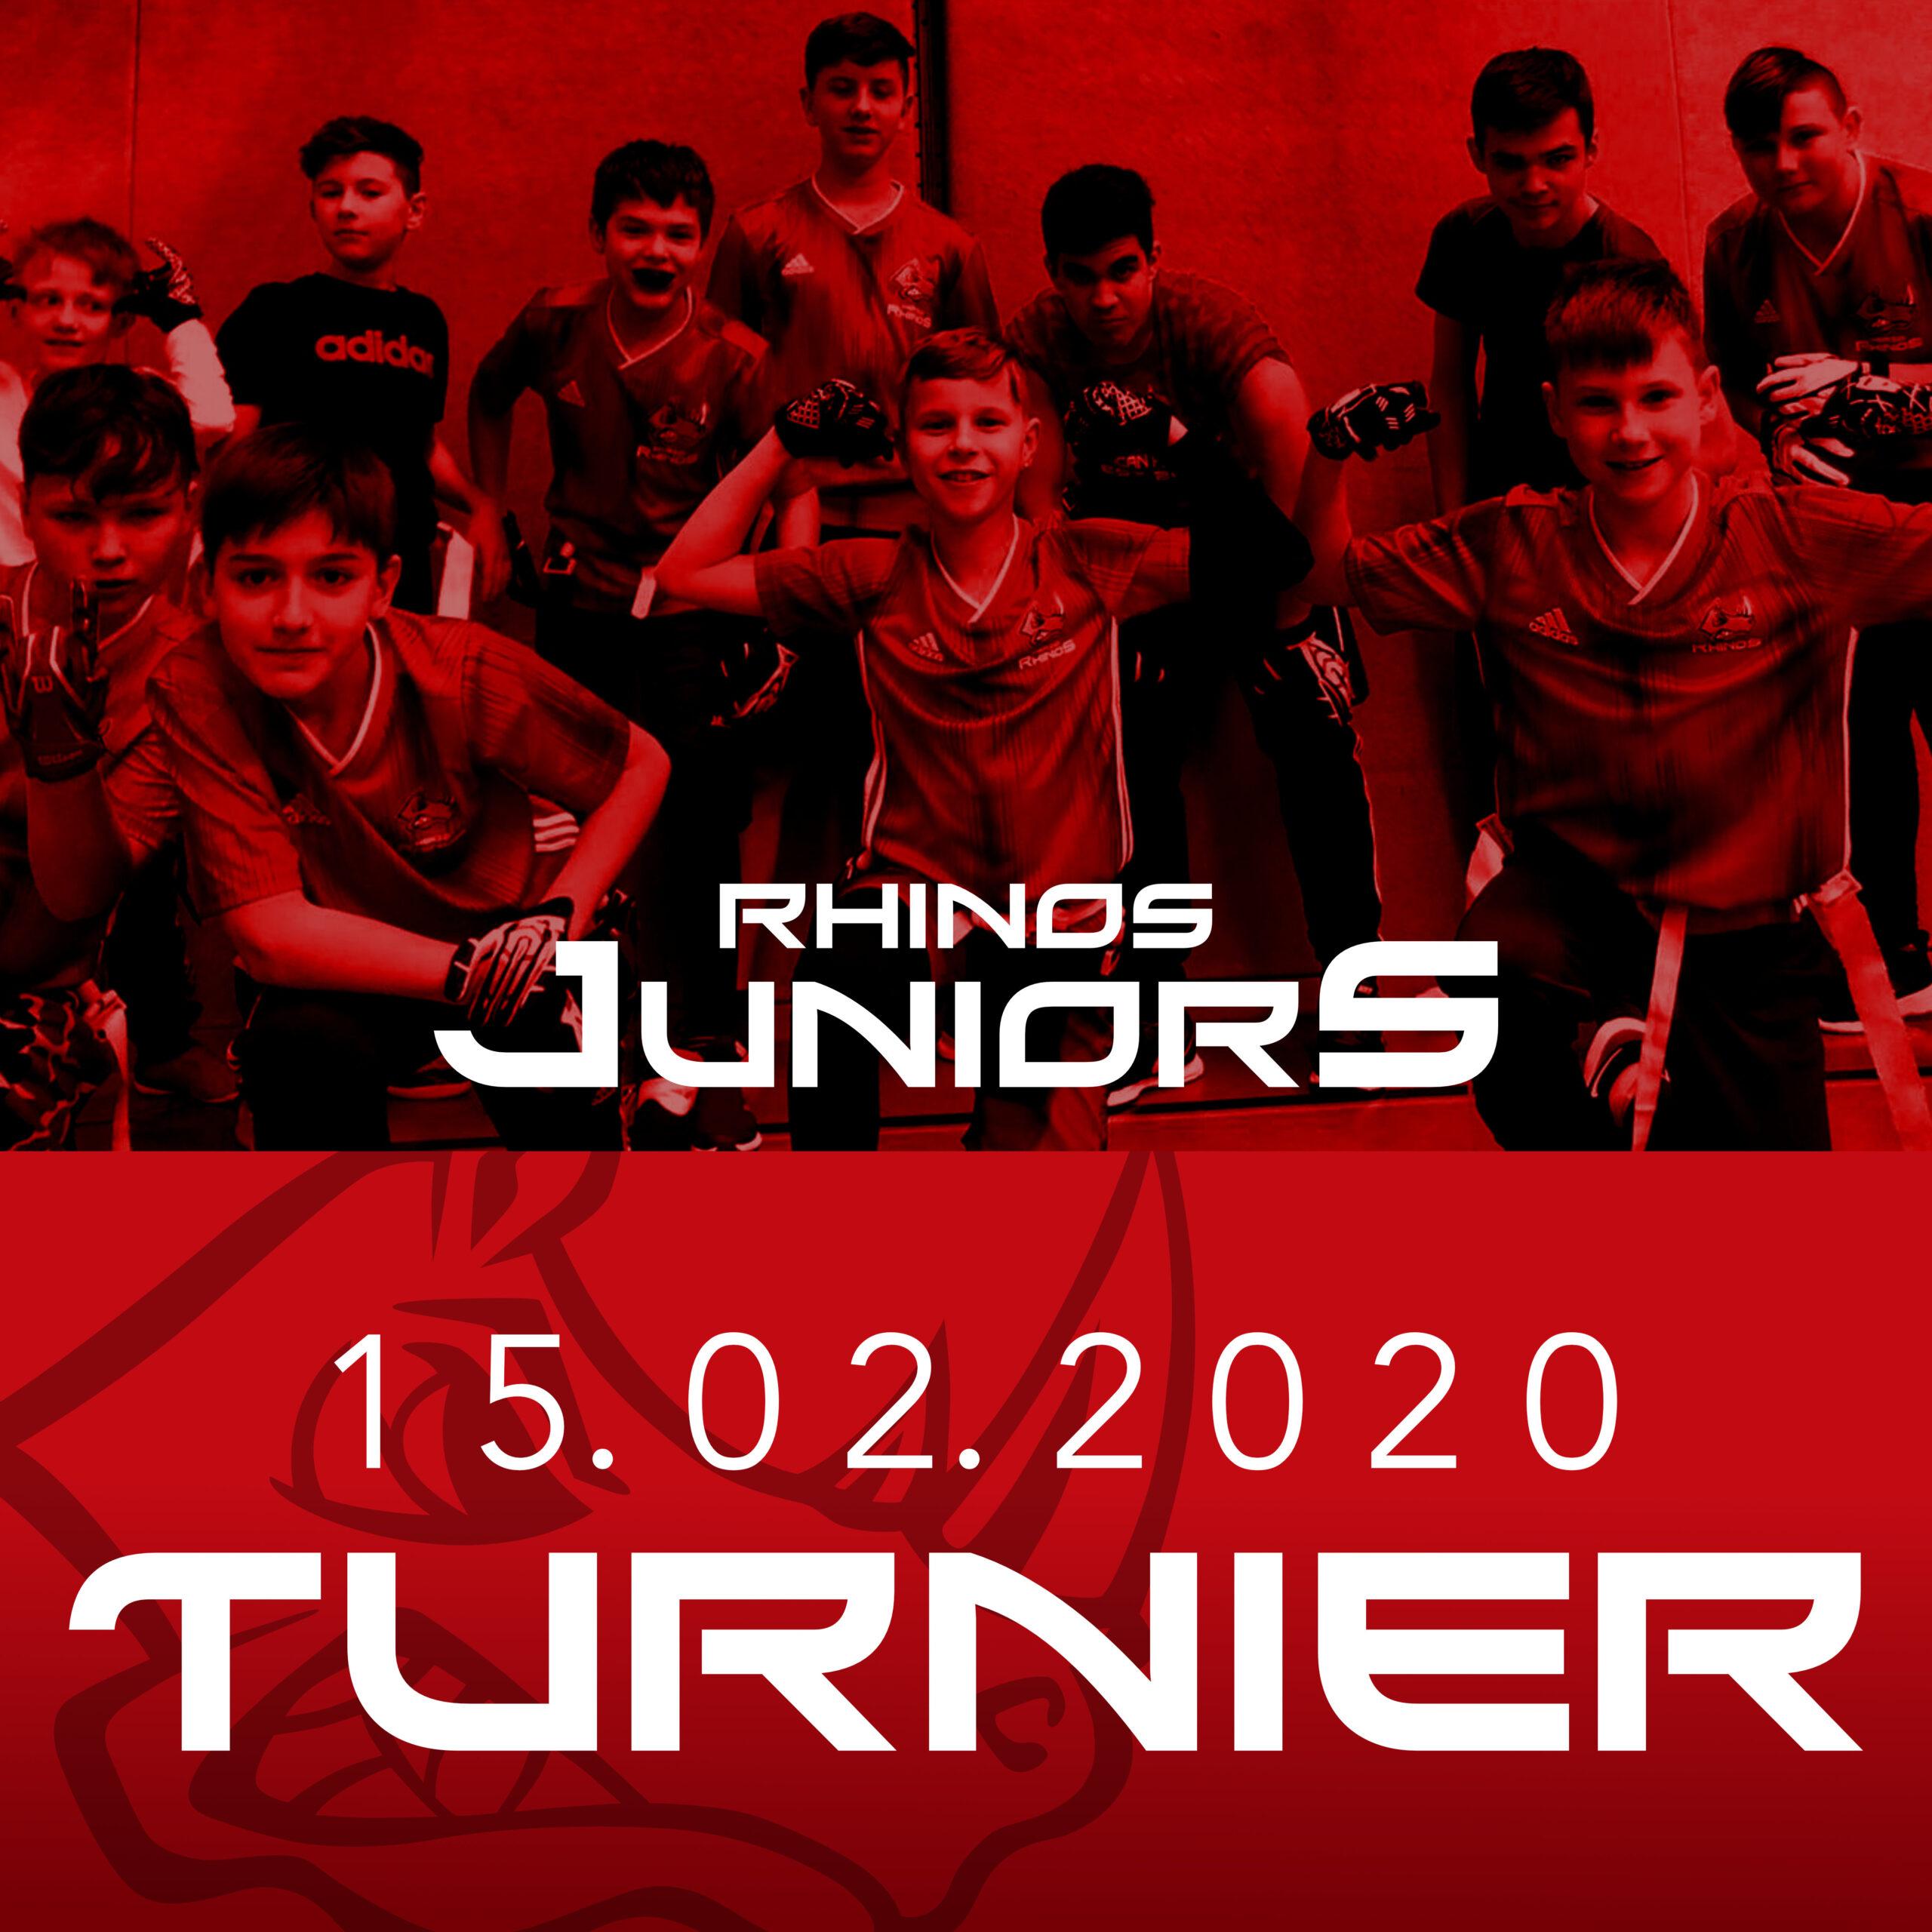 Heimturnier der Rhinos Juniors 15.02.2020